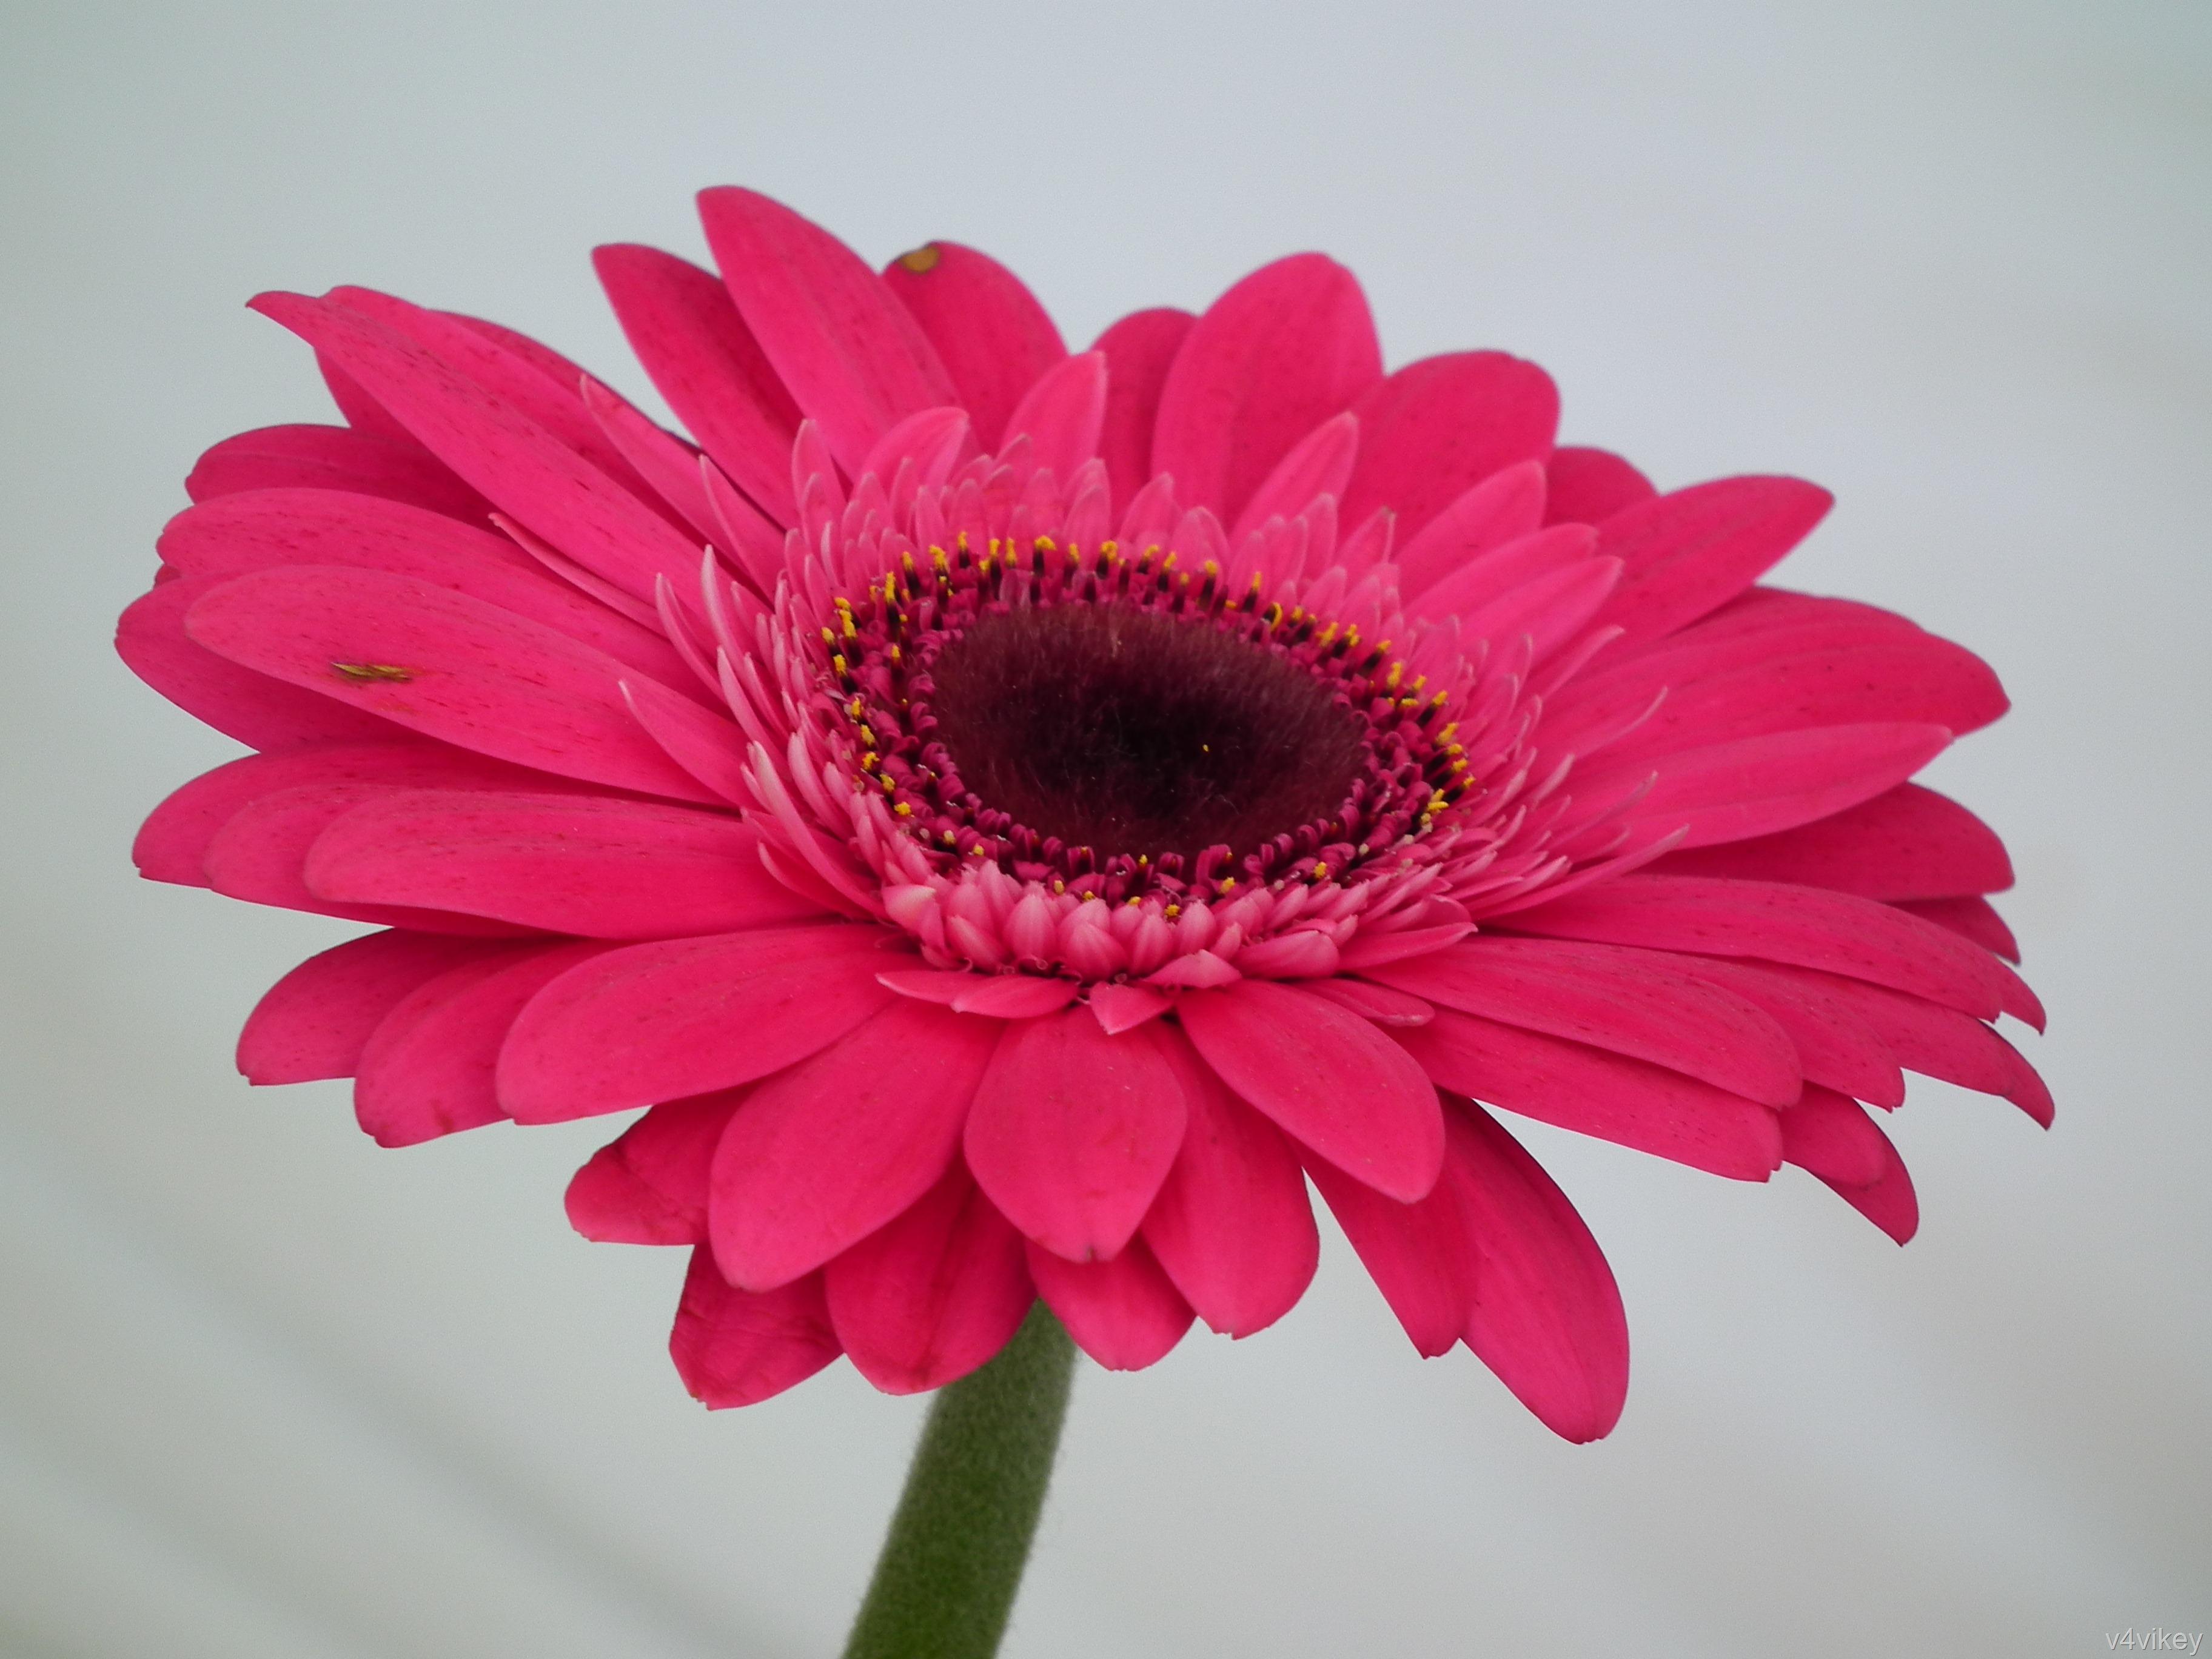 pink gerbera flowers wallpapers - photo #39